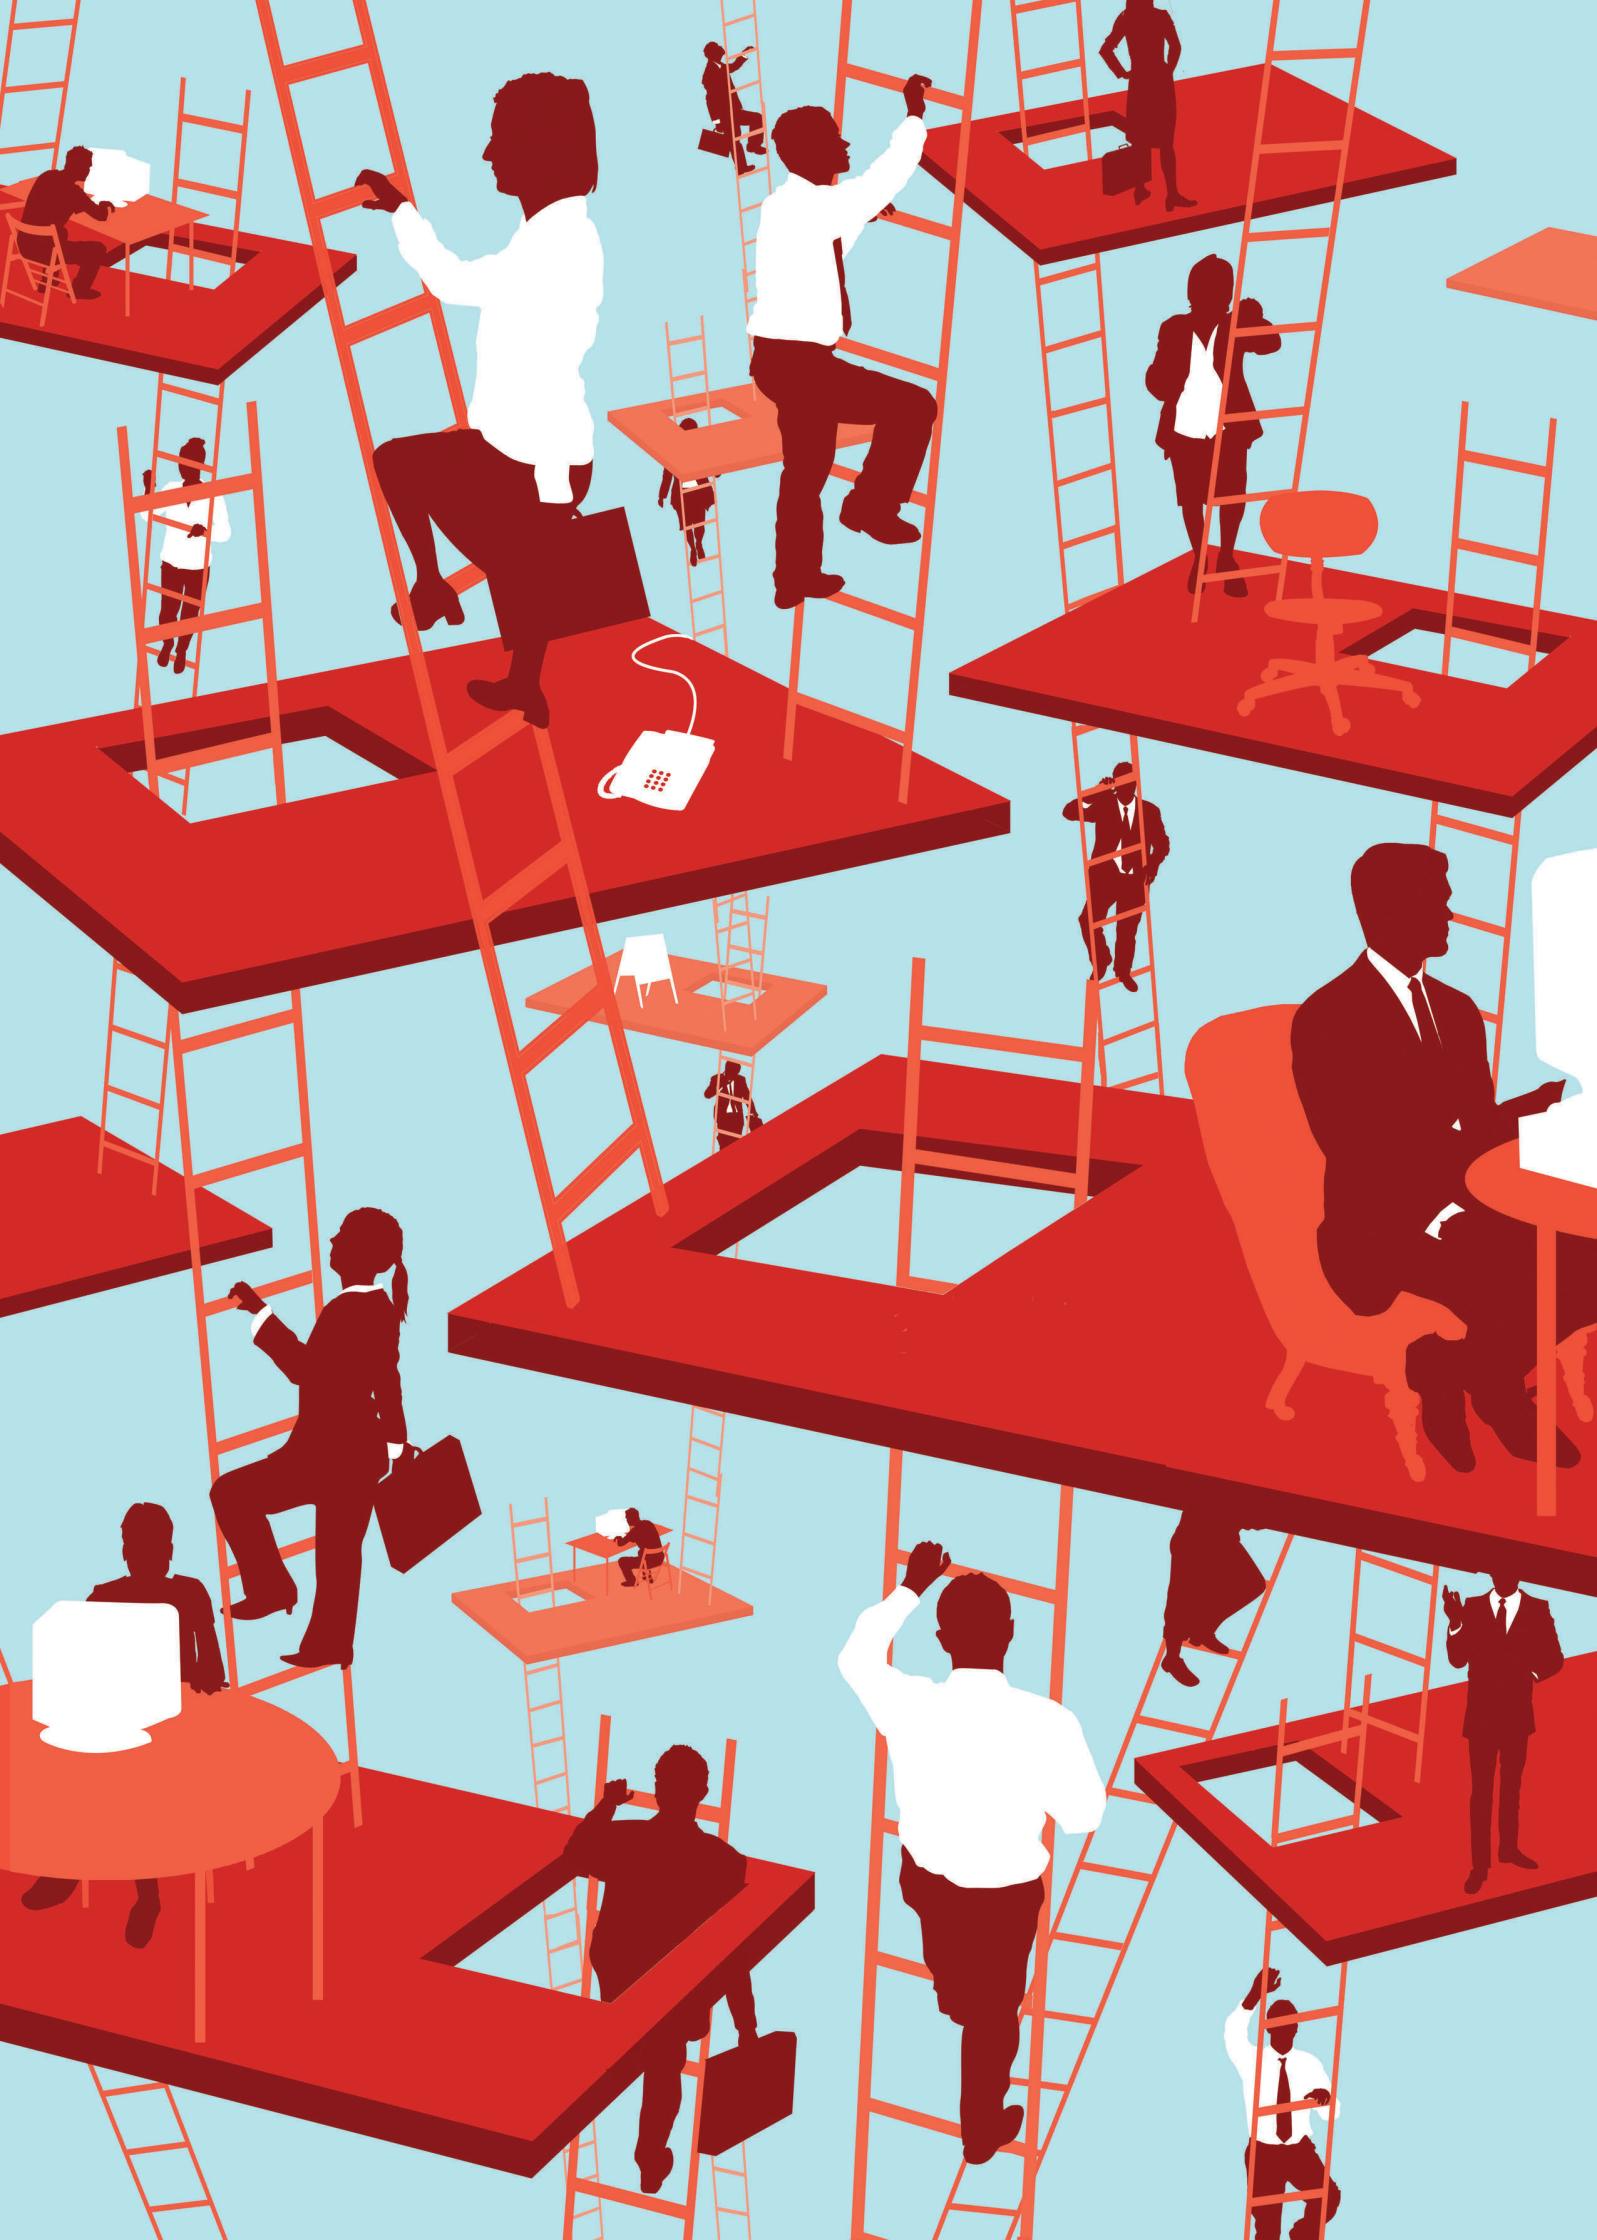 Career Ladder Management